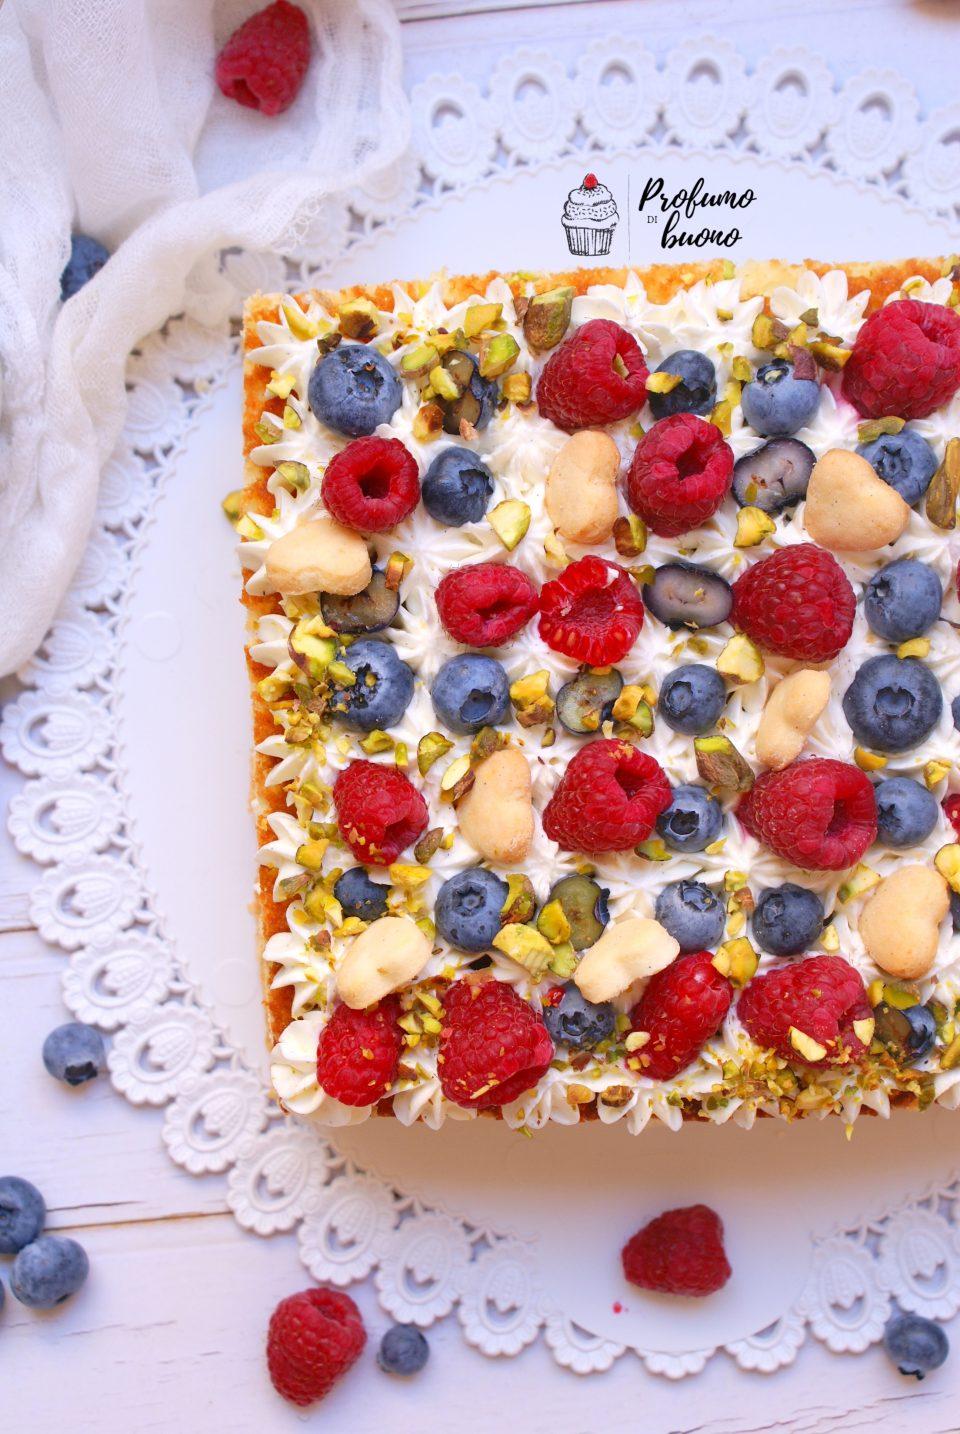 Torta casalinga senza glutine servita con crema al philadelphia, mirtilli, lamponi, pistacchi e biscottini